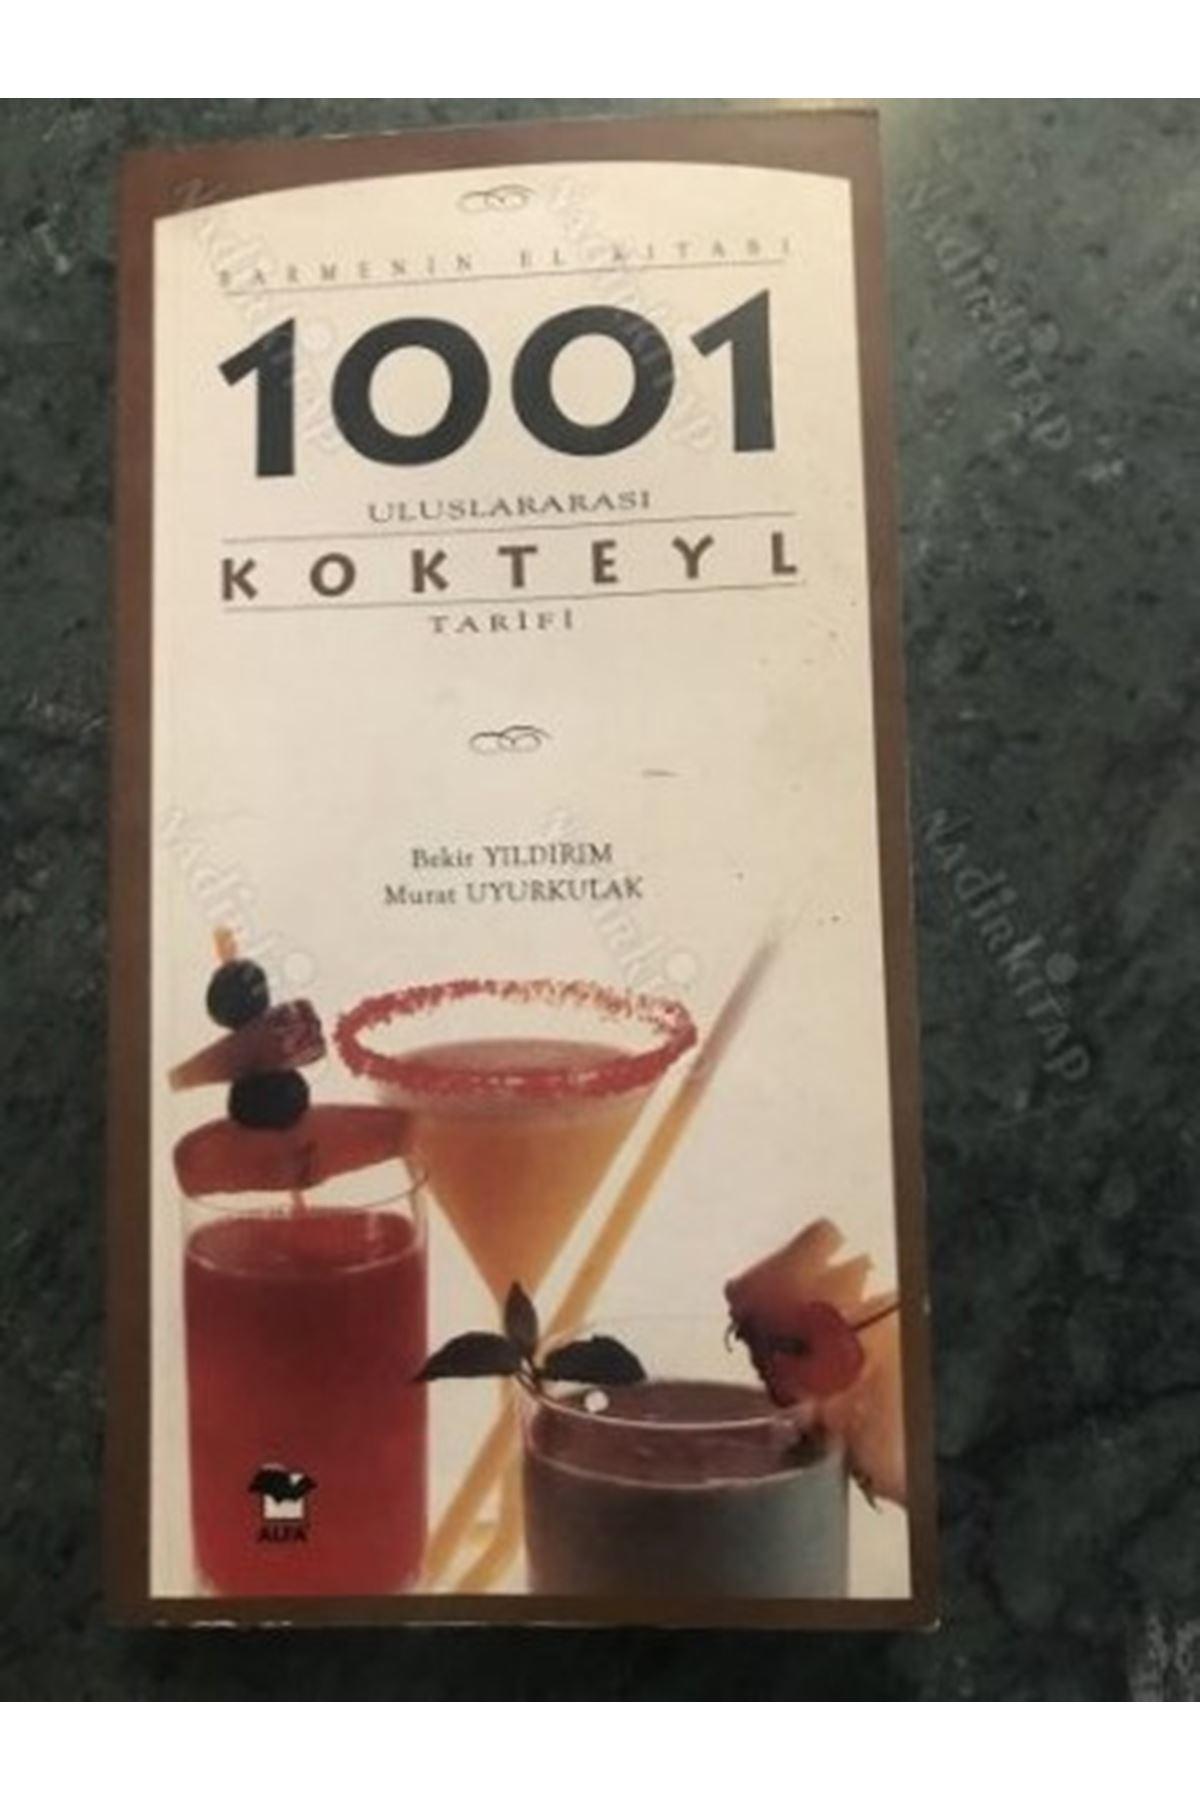 BEKİR YILDIRIM - 1001 ULUSLARARASI KOKTEYL